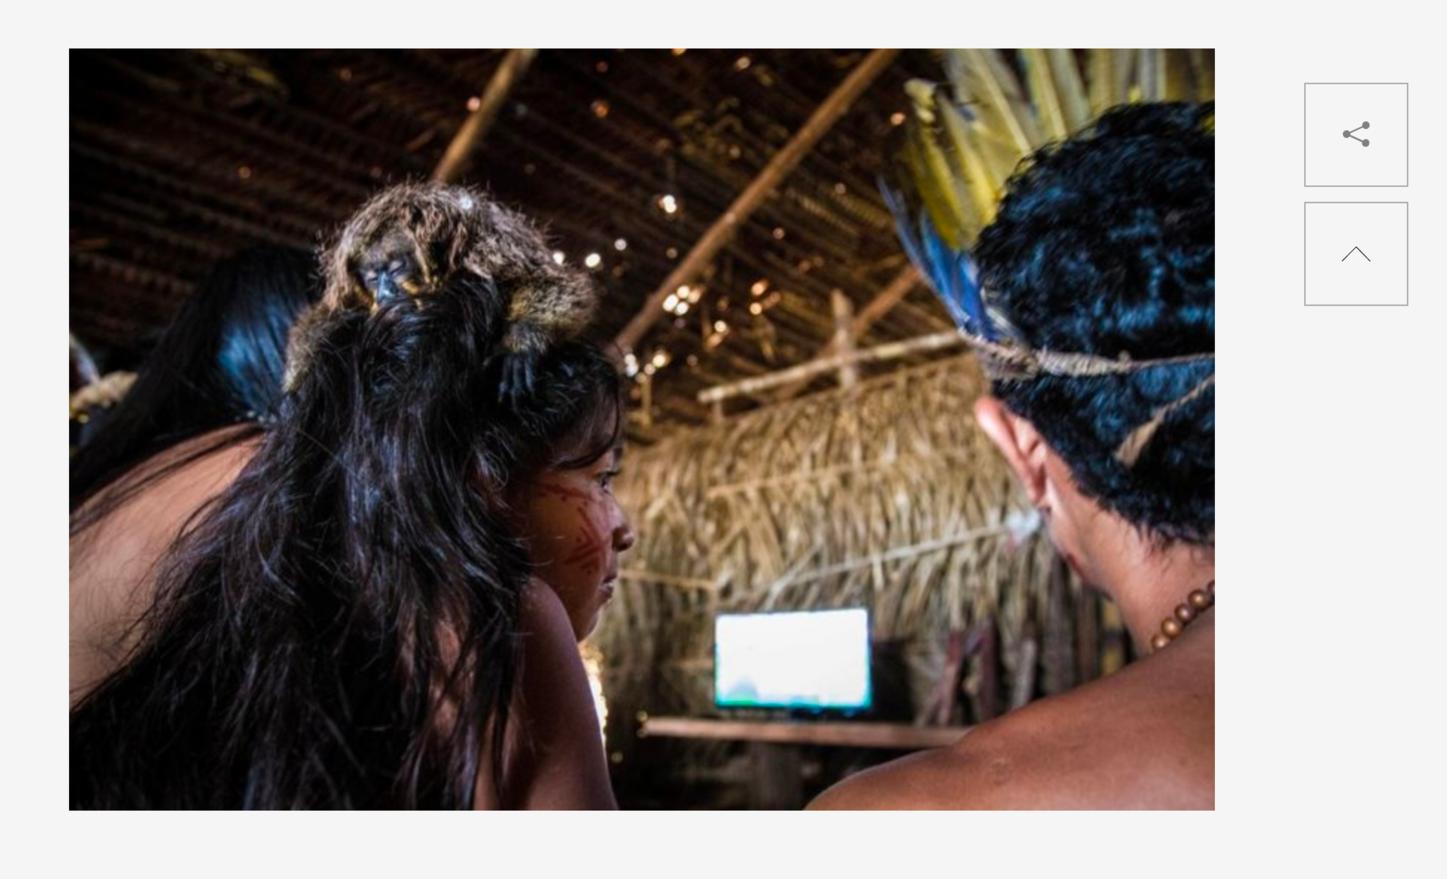 http://www.lense.fr/news/voyagez-en-plein-coeur-de-la-foret-amazonienne-en-compagnie-dune-tribu-pour-regarder-la-coupe-du-monde/